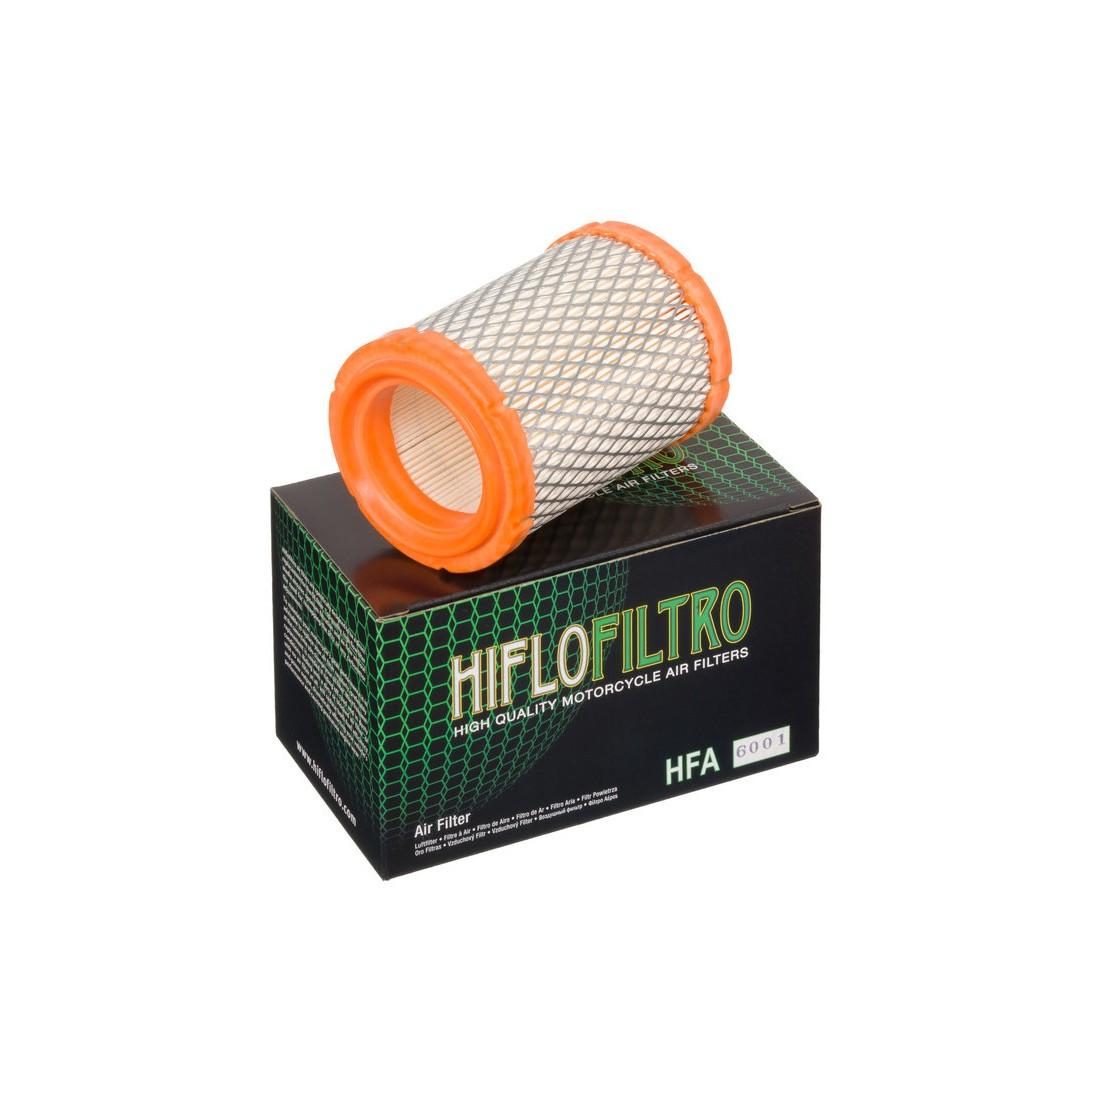 Filtro Aire Hiflofiltro HFA6001